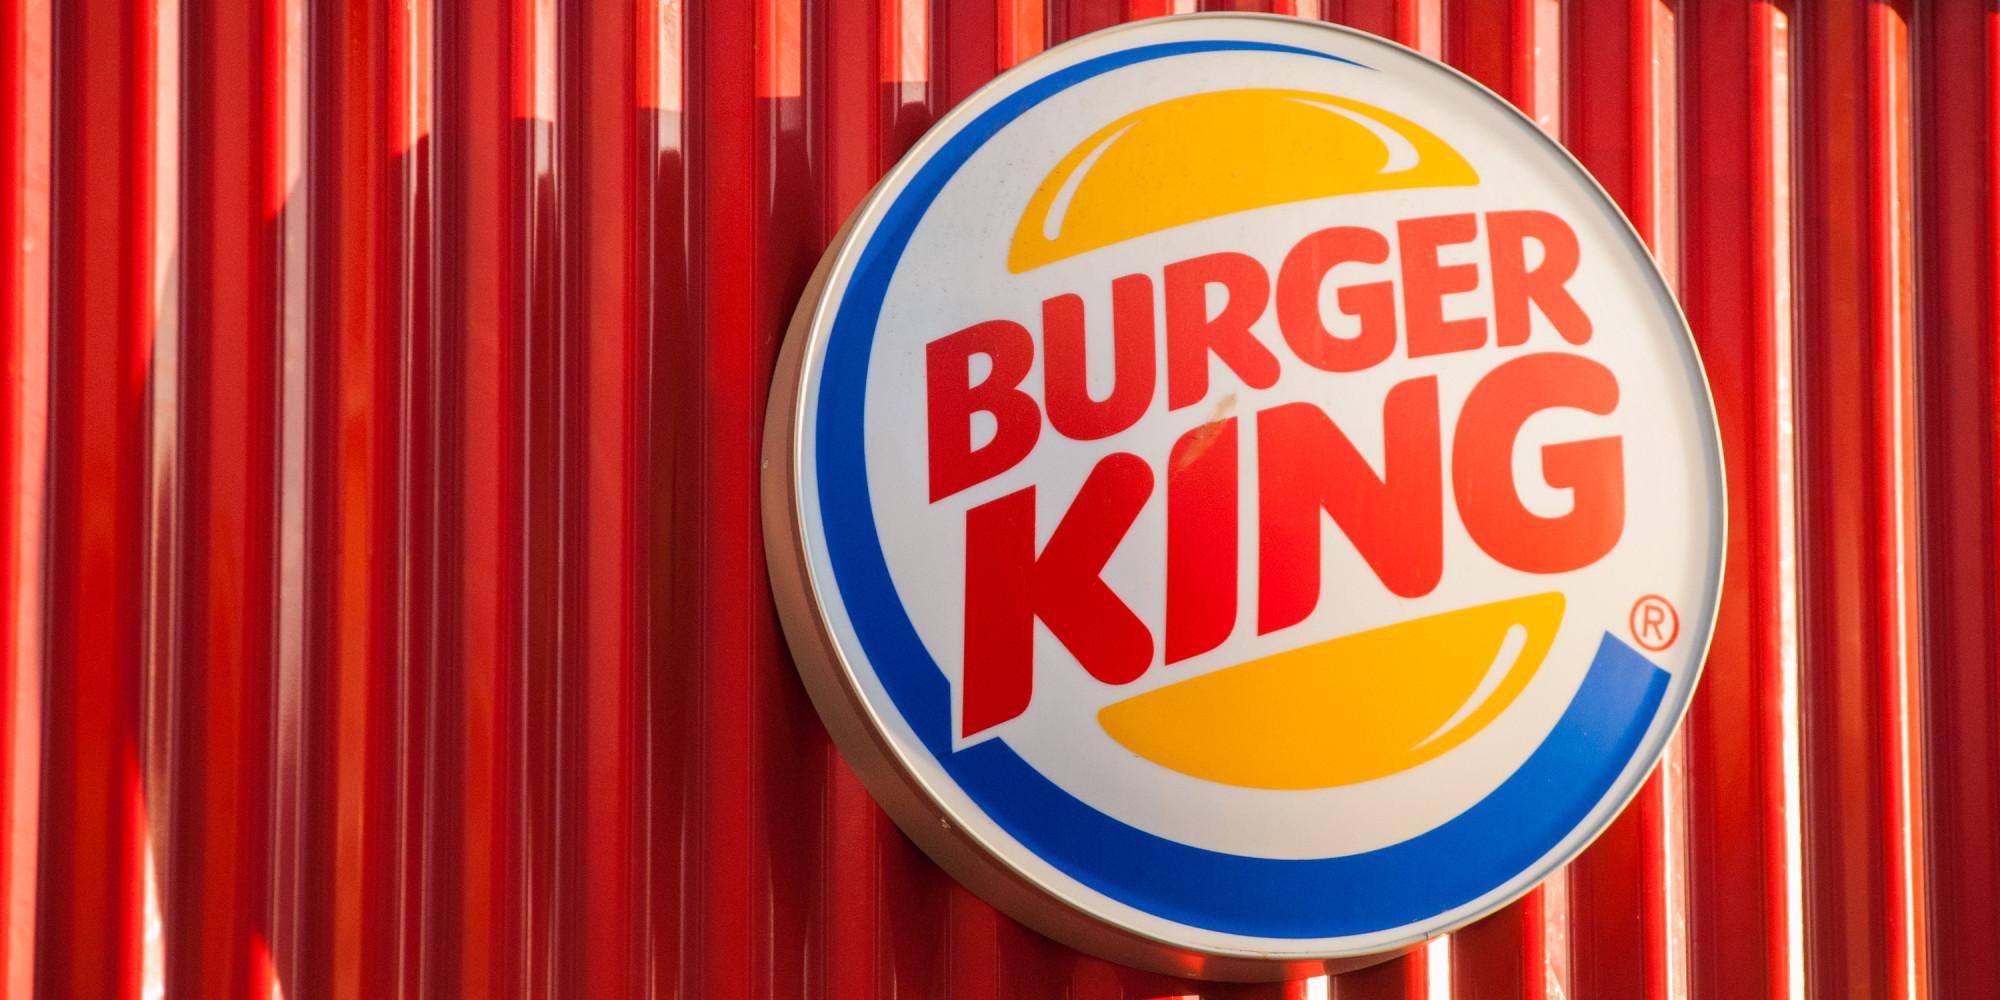 Burger King Guy Thumbs Up O-burger-king-facebook jpgBurger King Guy Thumbs Up